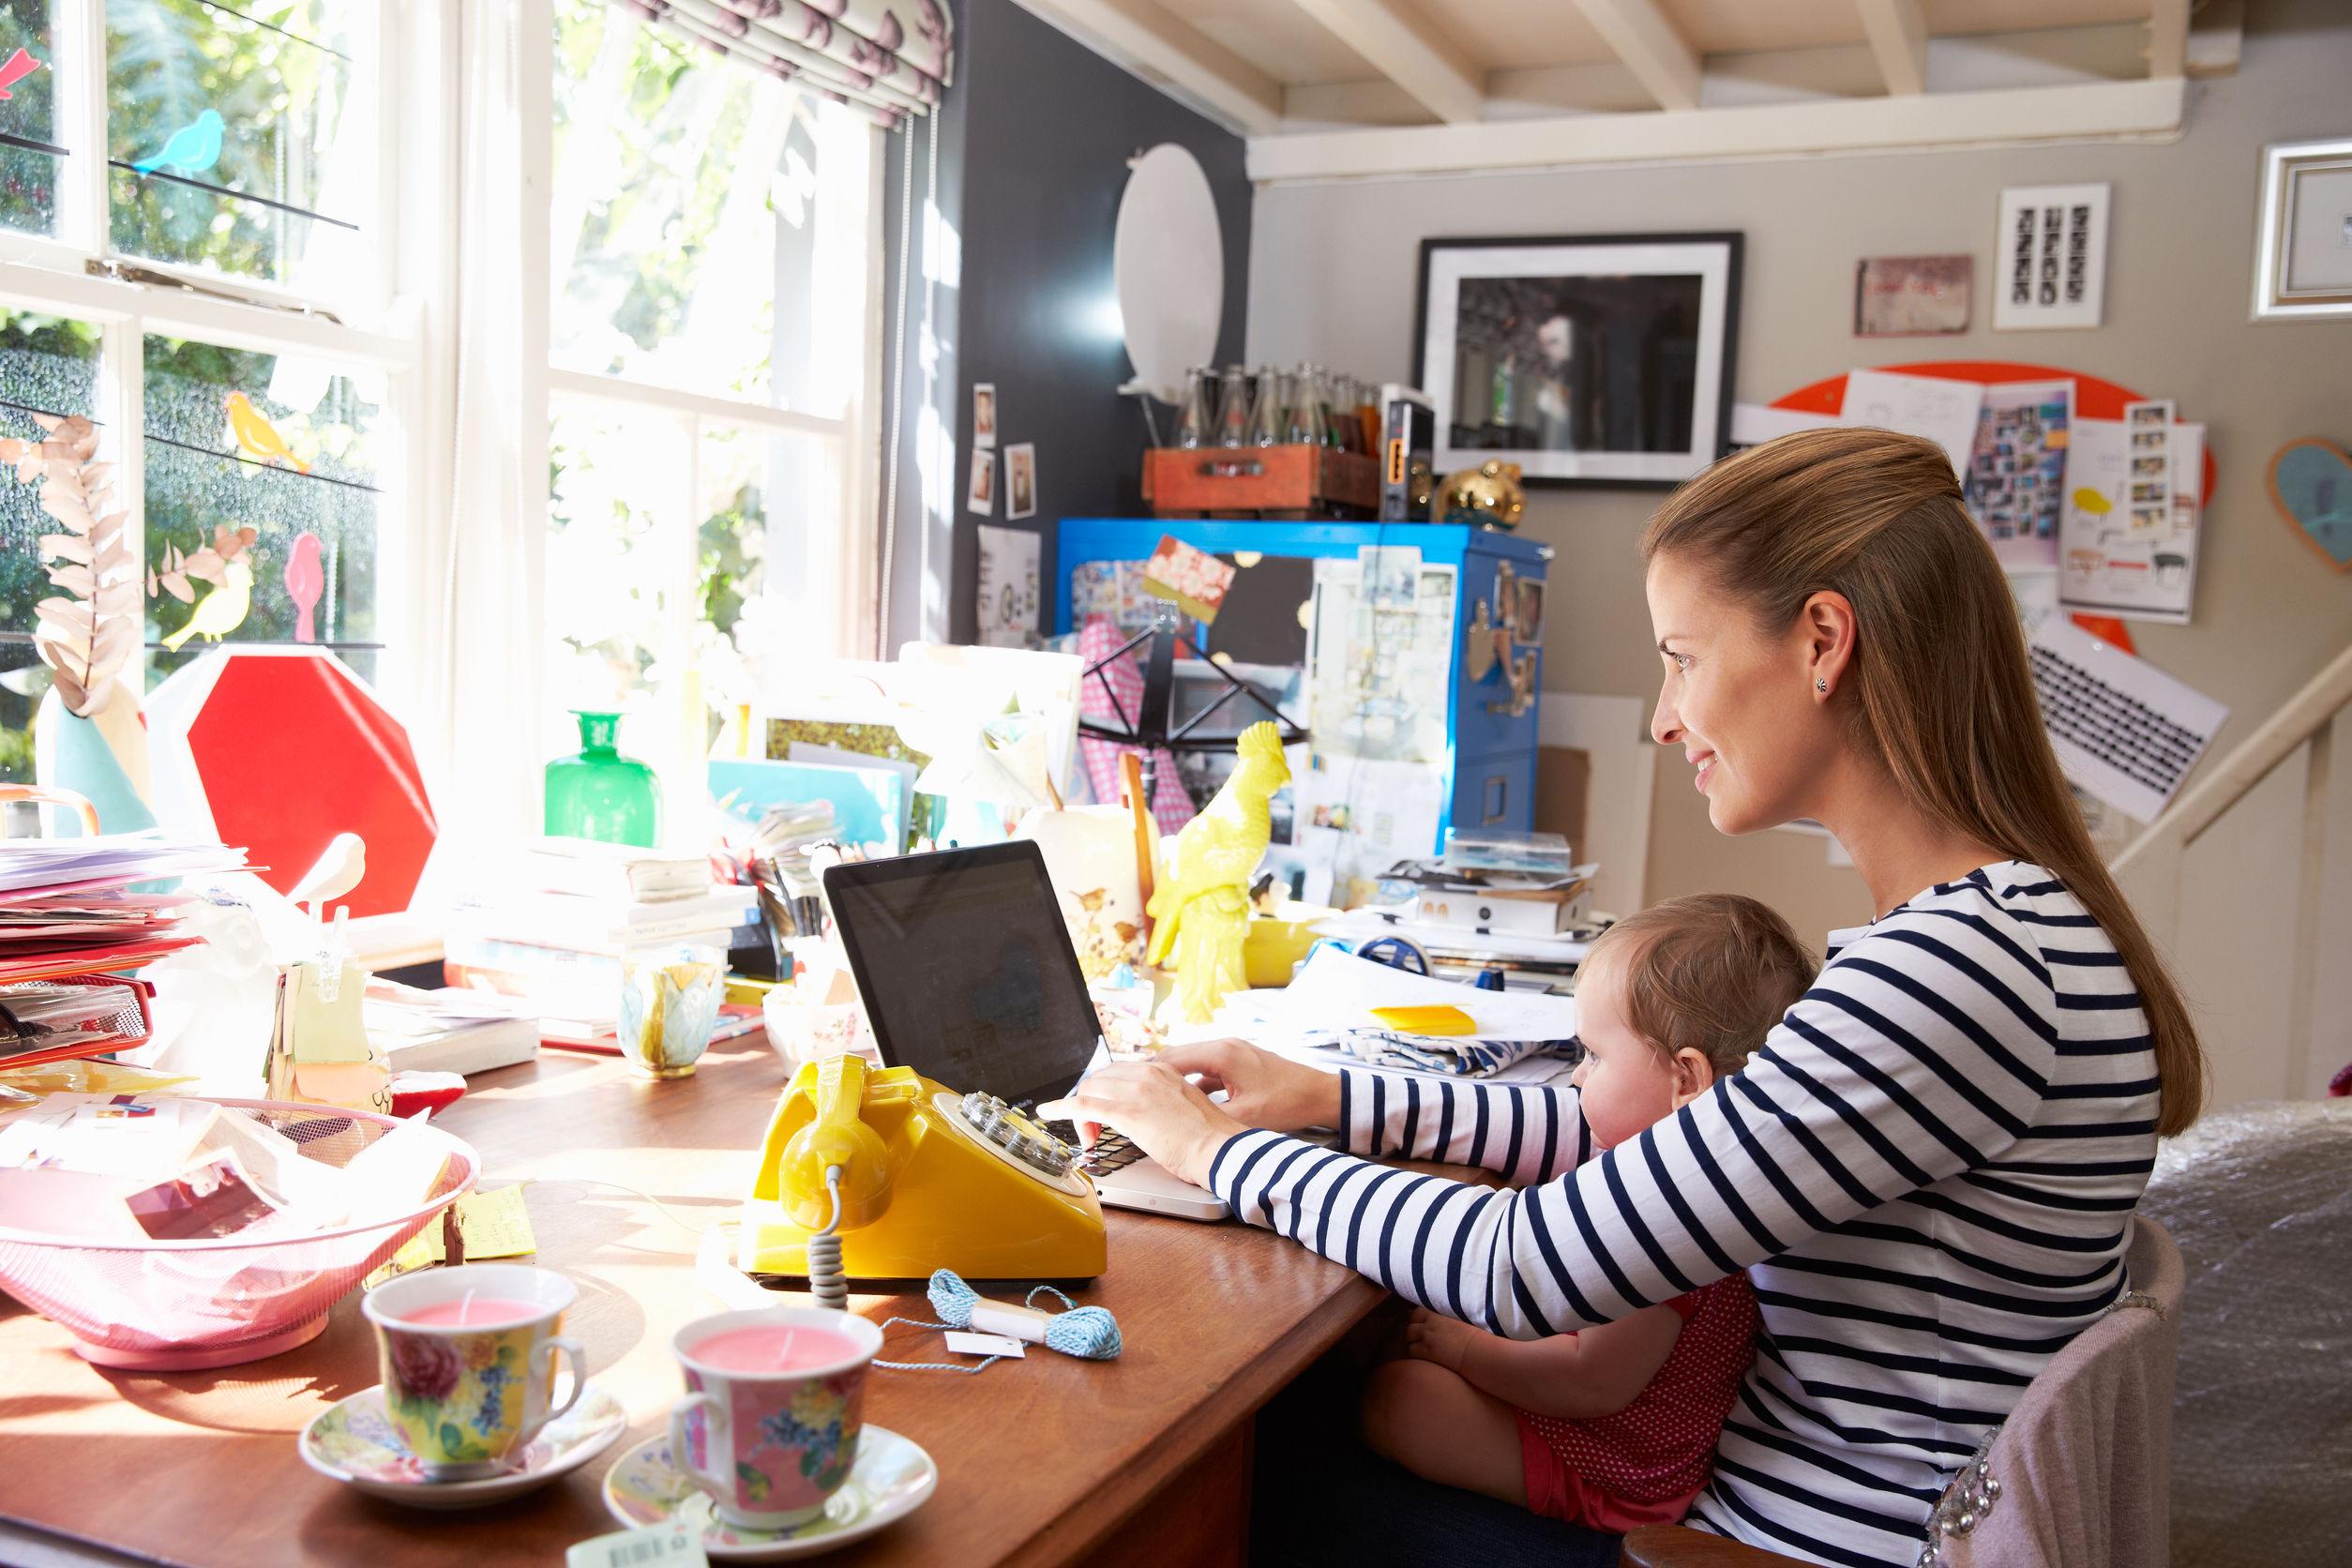 távmunka otthonról gyerekkel